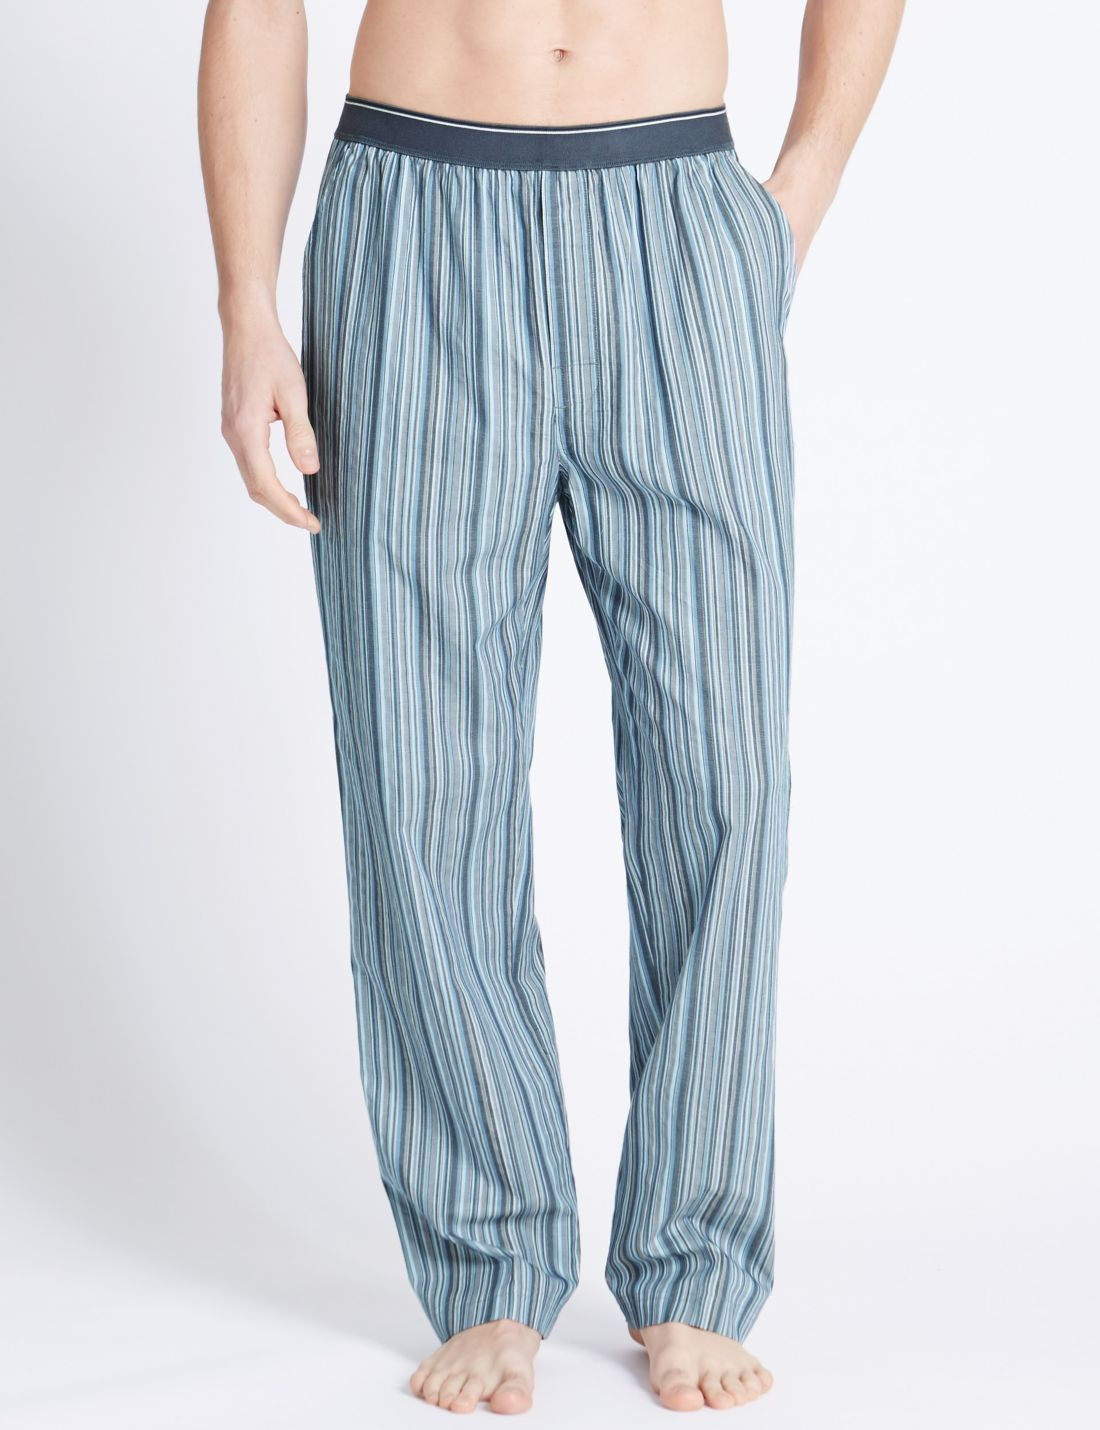 Saf Pamuklu Çizgili Pijama Altı